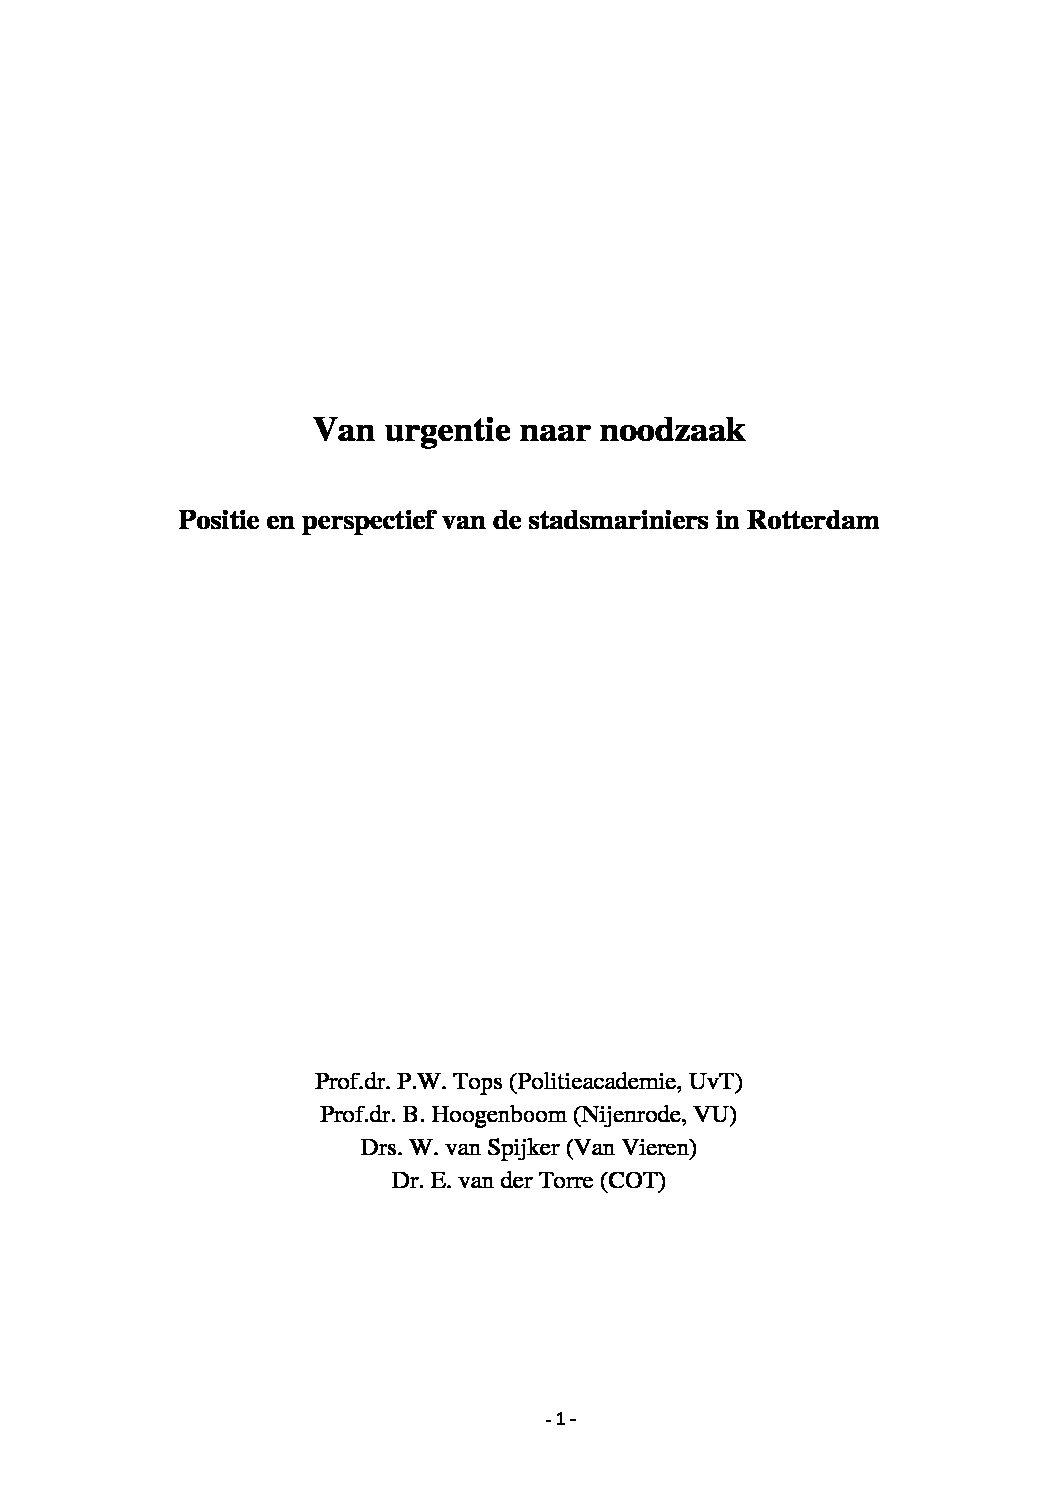 Van Urgentie naar Noodzaak: Positie en perspectief van de stadsmariniers in Rotterdam (met P.W. Tops, A.B. Hoogenboom en W. van Spijker), Apeldoorn/Tilburg, 2009.